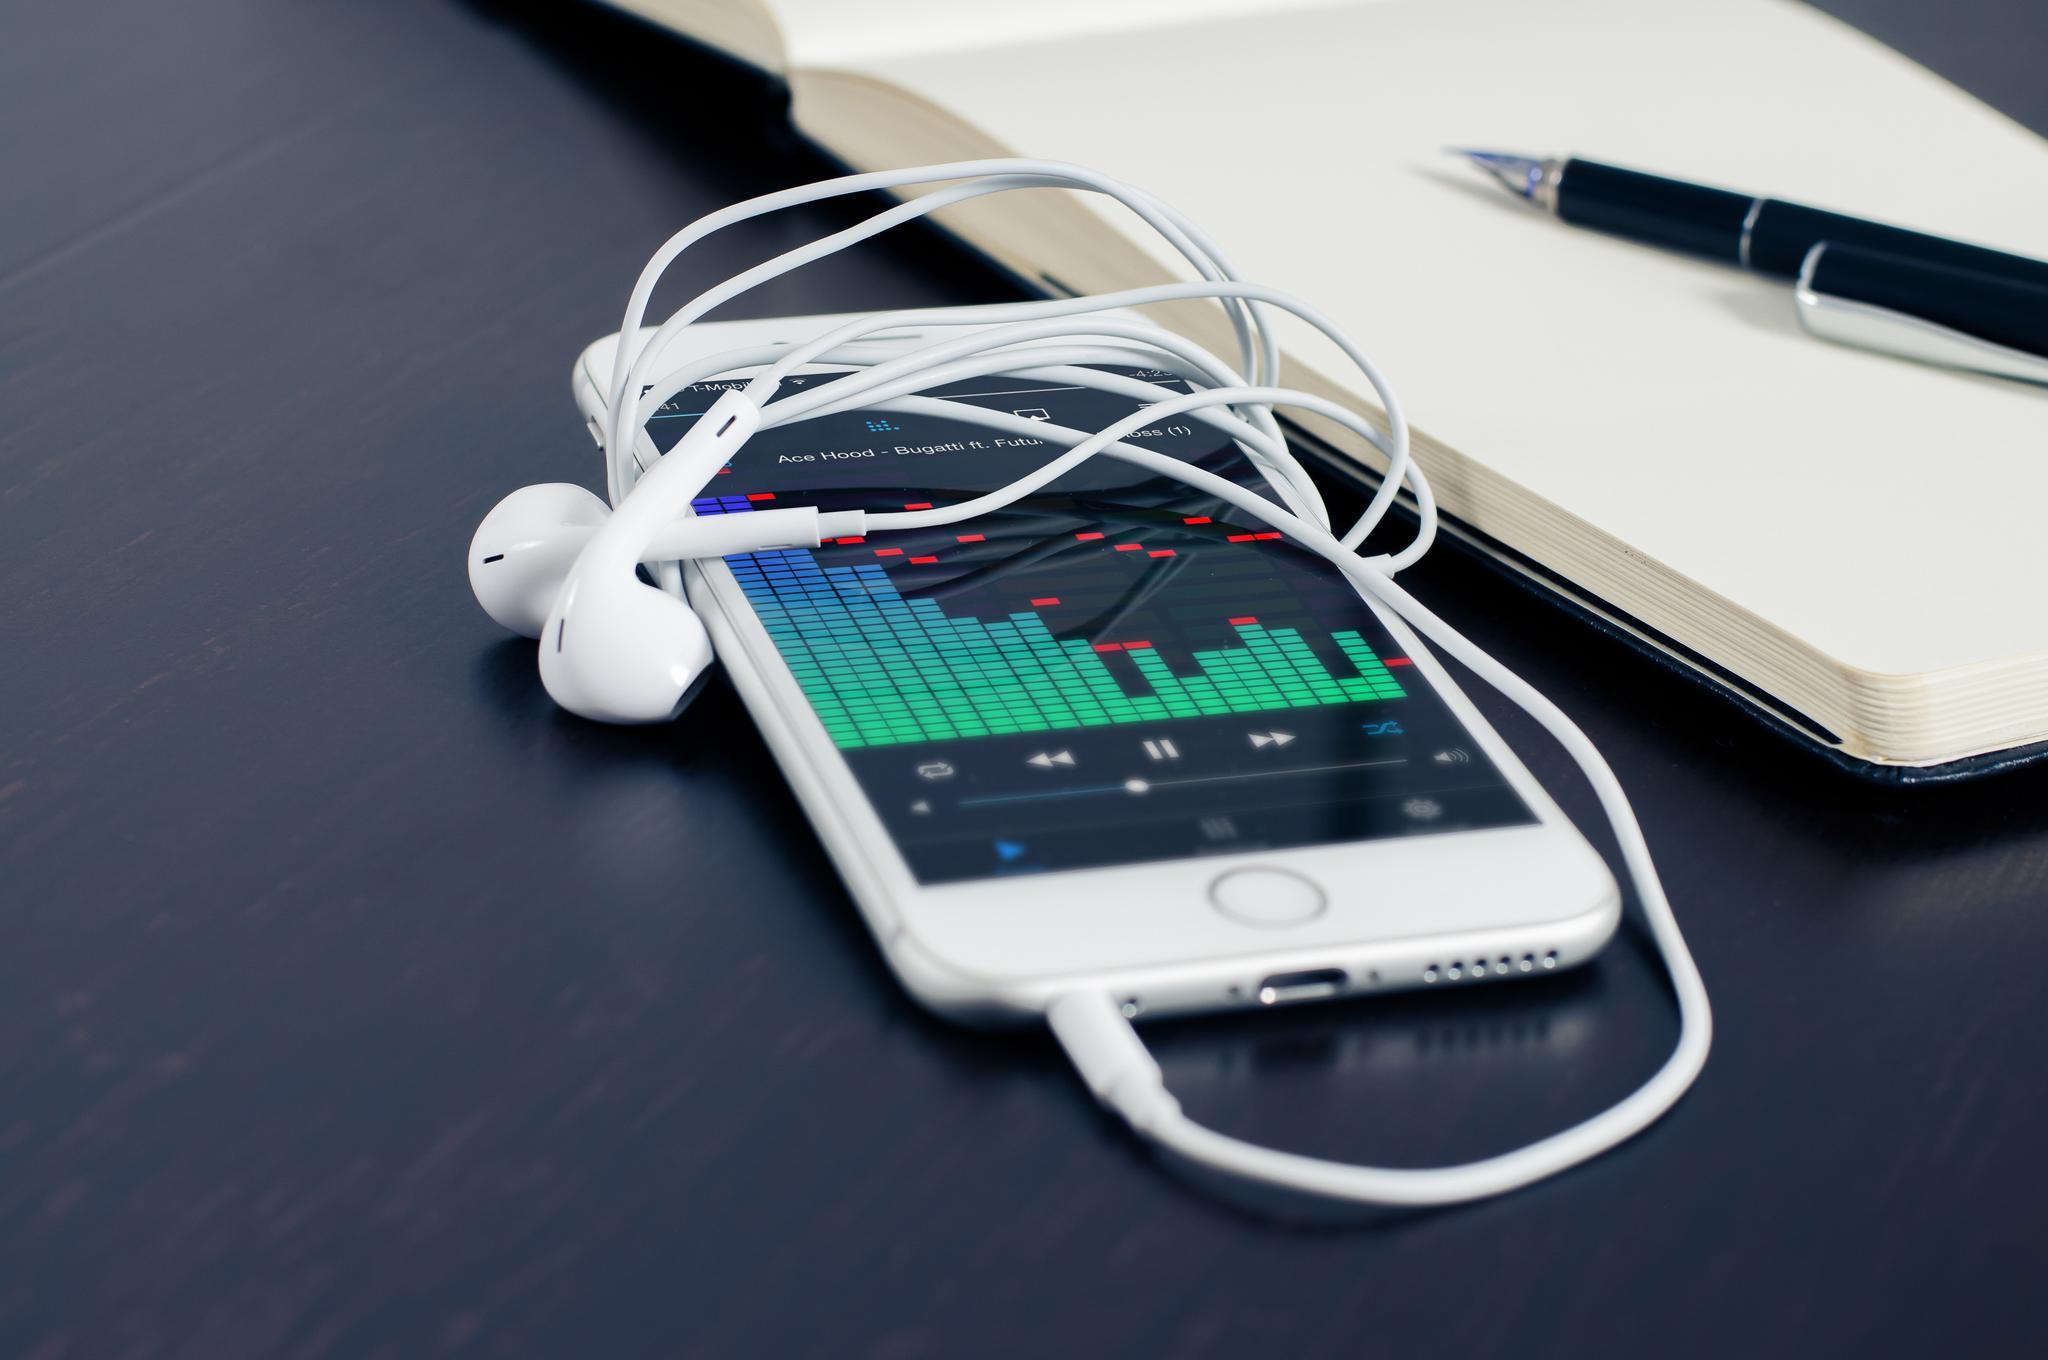 什么管理软件更适合音乐培训机构?晶旦音乐君助力机构运营升级